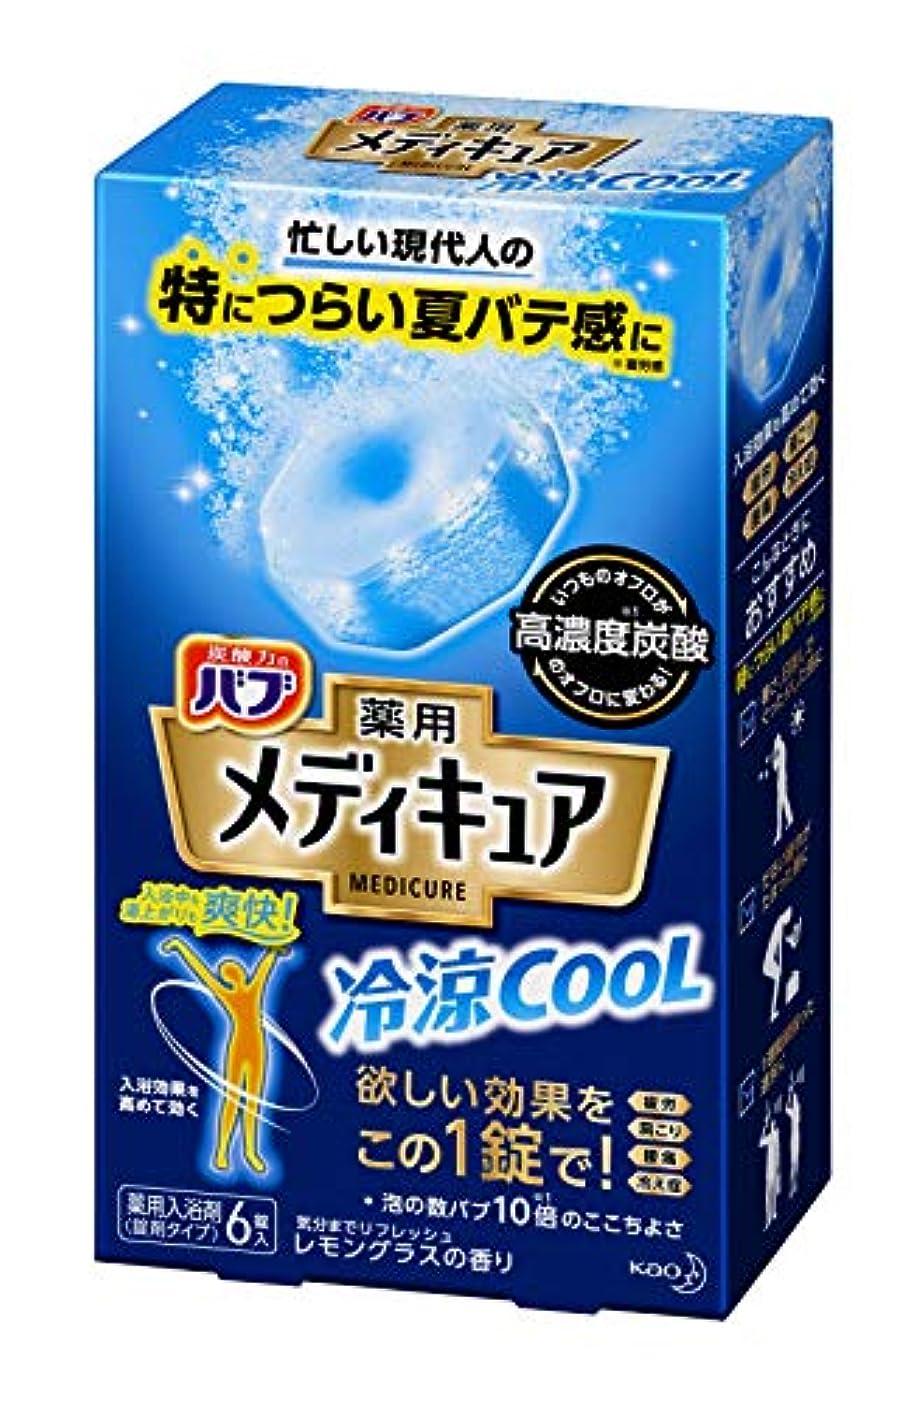 郵便物領収書和解するバブ メディキュア 冷涼クール レモングラスの香り 6錠入 高濃度 炭酸 温泉成分 (泡の数バブの10倍)